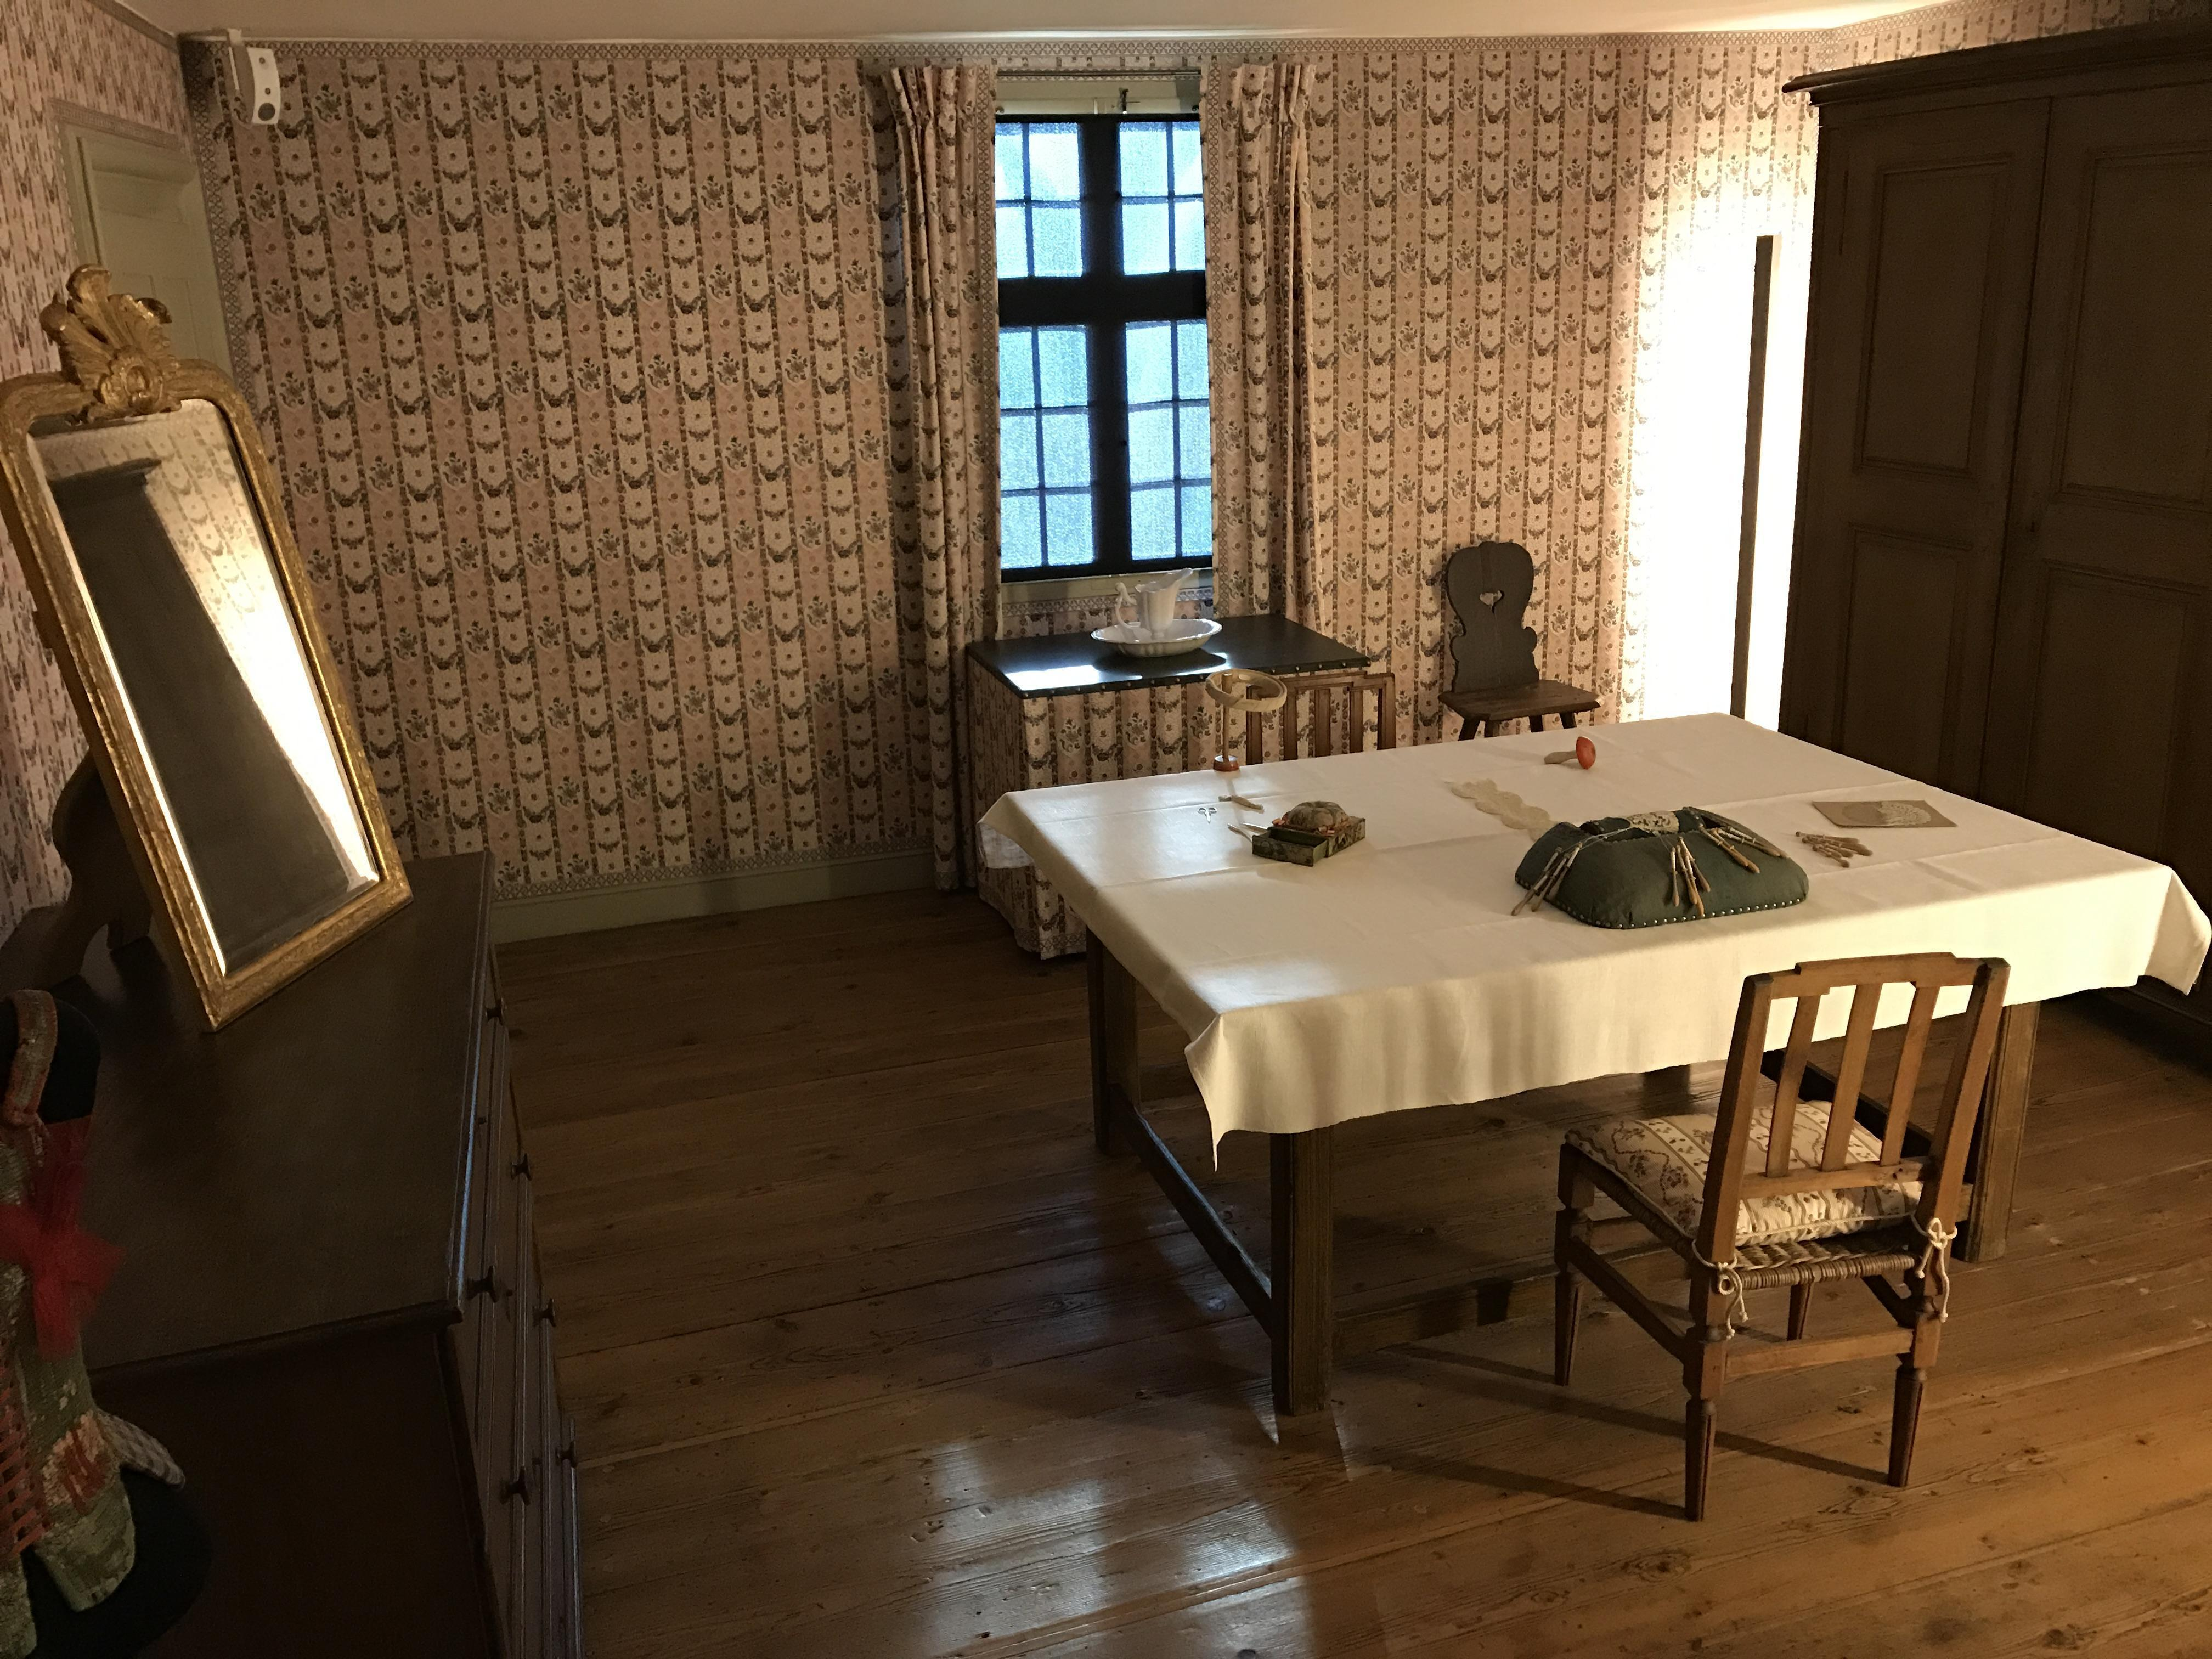 Garderobe der Kurfürstin im Schloss Schwetzingen